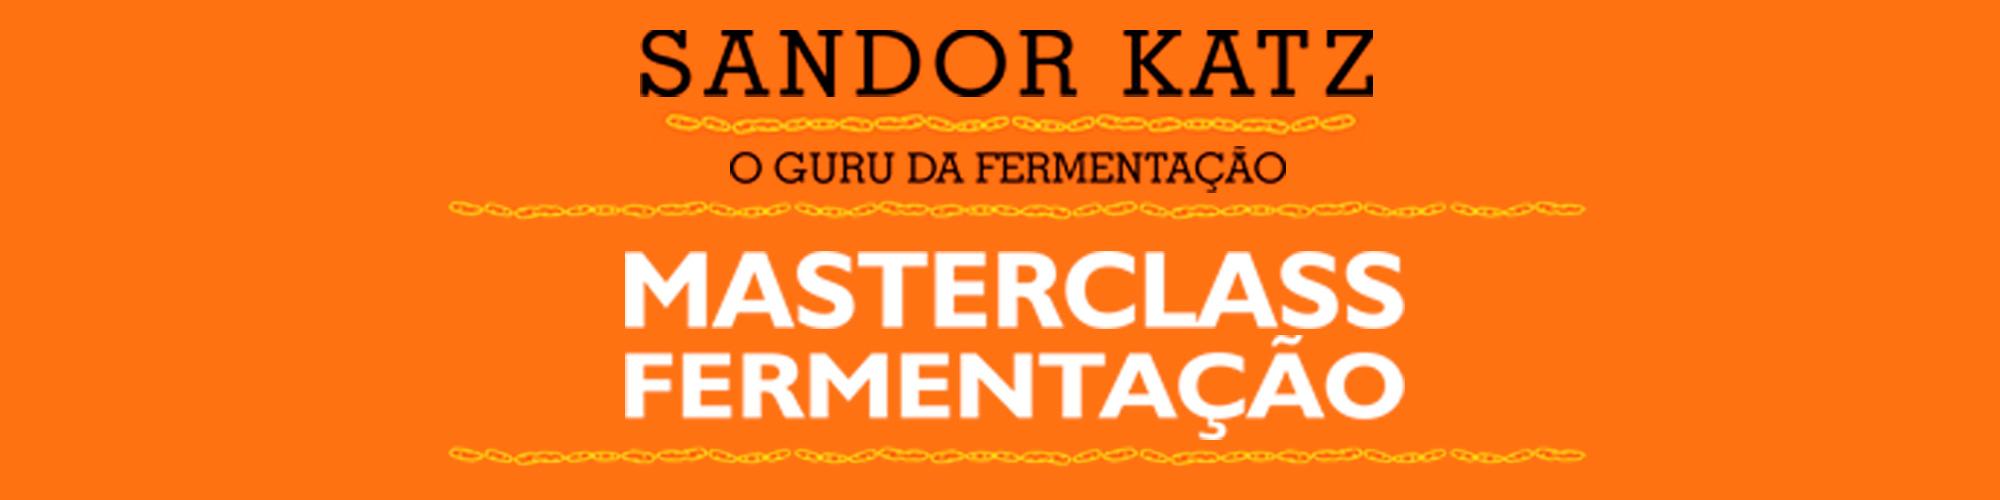 Bora Fermentar ensina técnicas de fermentação